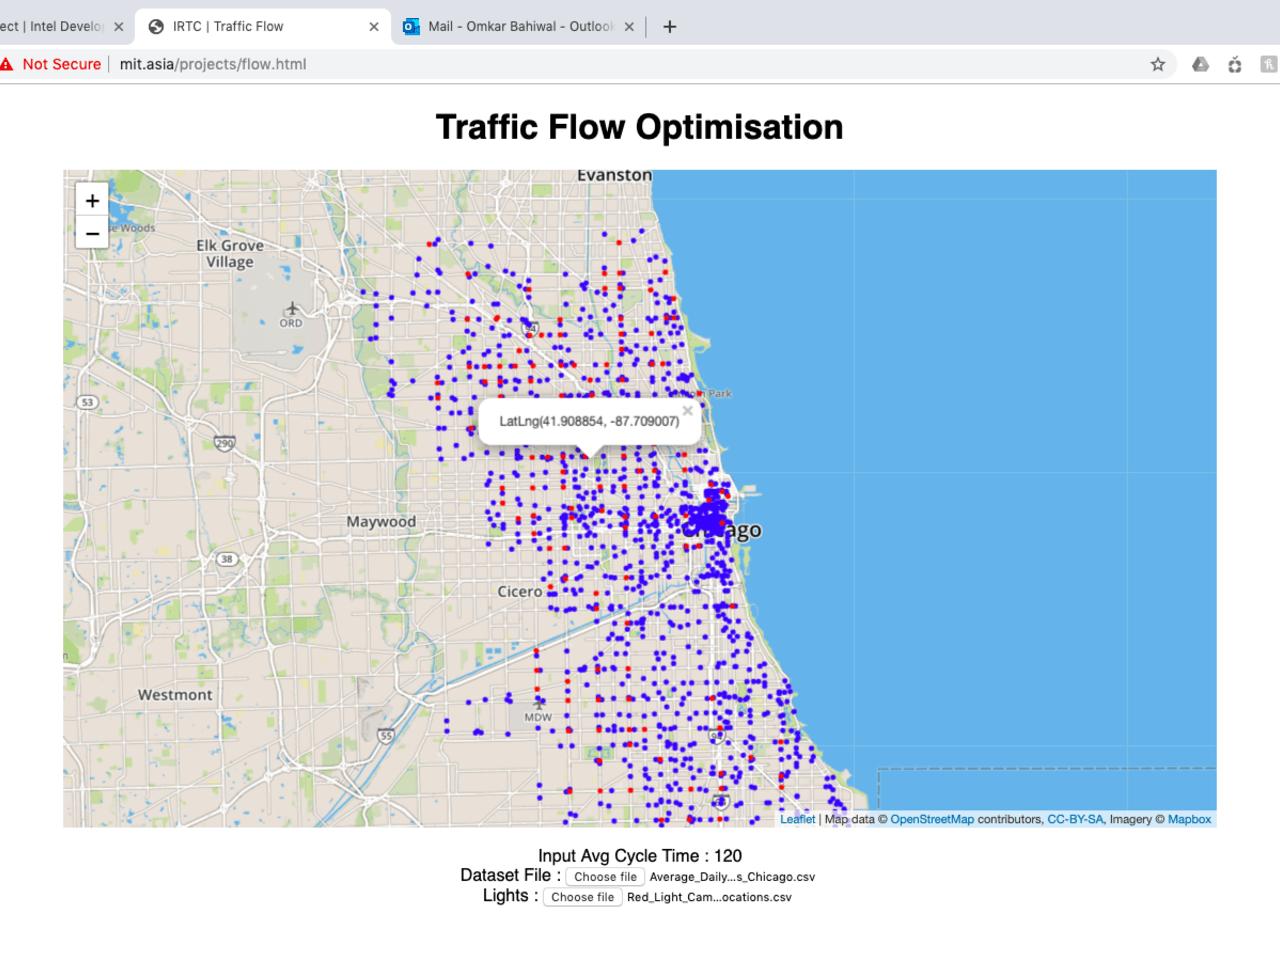 Intelligent Road Traffic Control | Intel DevMesh